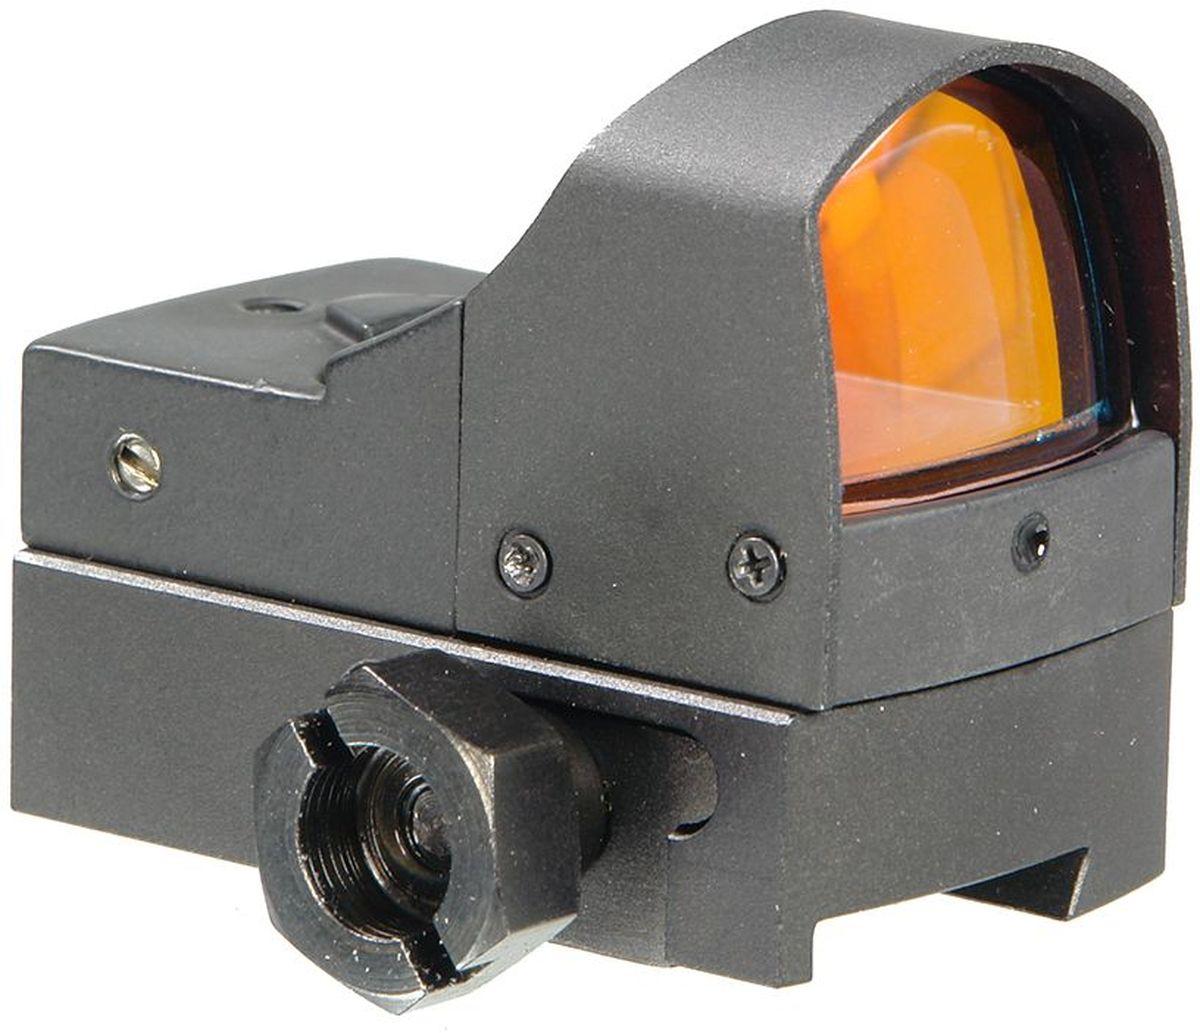 Прицел коллиматорный Veber, RM123 DVT1123003Коллиматорный прицел открытого типа, устанавливается на ласточкин хвост шириной до 11 мм, размер окошка 23x17 мм, прицельная марка - красная точка. ОПИСАНИЕ Серия Veber RM123, является модернизированной версией коллиматорного прицела Veber R123. Изменена конструкция основания прицела, что позволило значительно увеличить срок службы и надежность работы изделия при длительной эксплуатации на оружии большой мощности. Увеличилась длина поджимной планки до 46 мм в версии на Weaver и до 15 мм в DVT. Исключены любые смещения при мощной отдаче, обеспечена высокая стабильность положения прицельной метки. Самый маленький, но серьезный коллиматорный прицелVeber RM123 DVT11. Корпус — анодированный матовый алюминий марки 6061-Т6. Светящаяся точка — 6 угловых минут, зона, покрываемая точкой, — 8 см на 50 м. Благодаря увеличению 1х (точнее 1,07х), прицел обладает большим полем зрения, а асферическая оптика не искажает видимую картинку. Прицел оборудован световым...